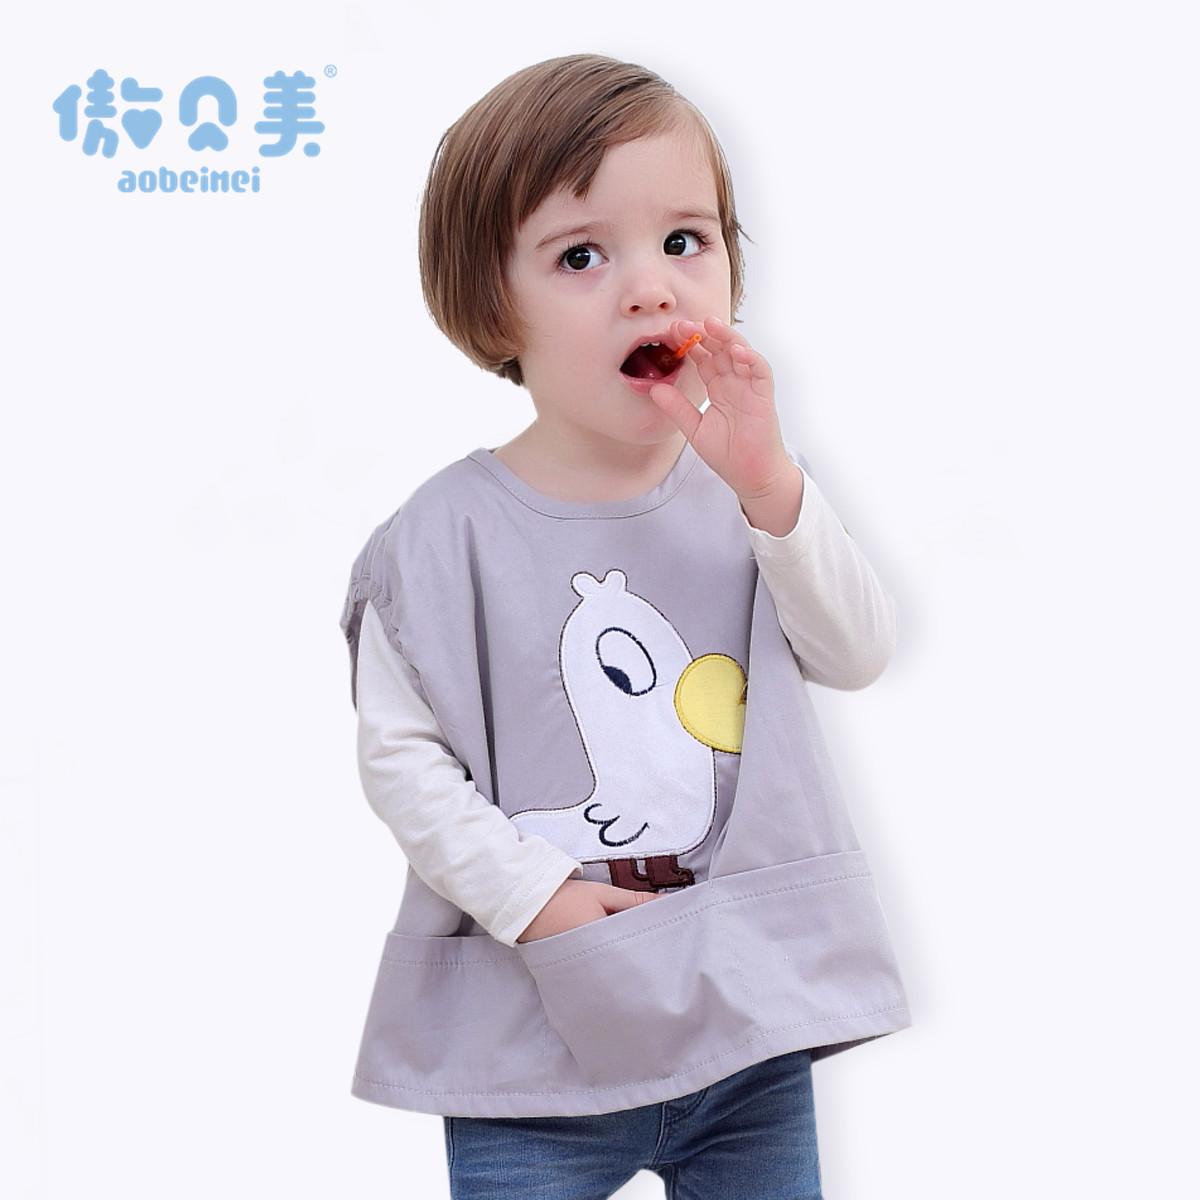 傲贝美宝宝罩衣儿童四季薄款防水纯棉无袖围兜衣服婴幼儿吃饭罩衫